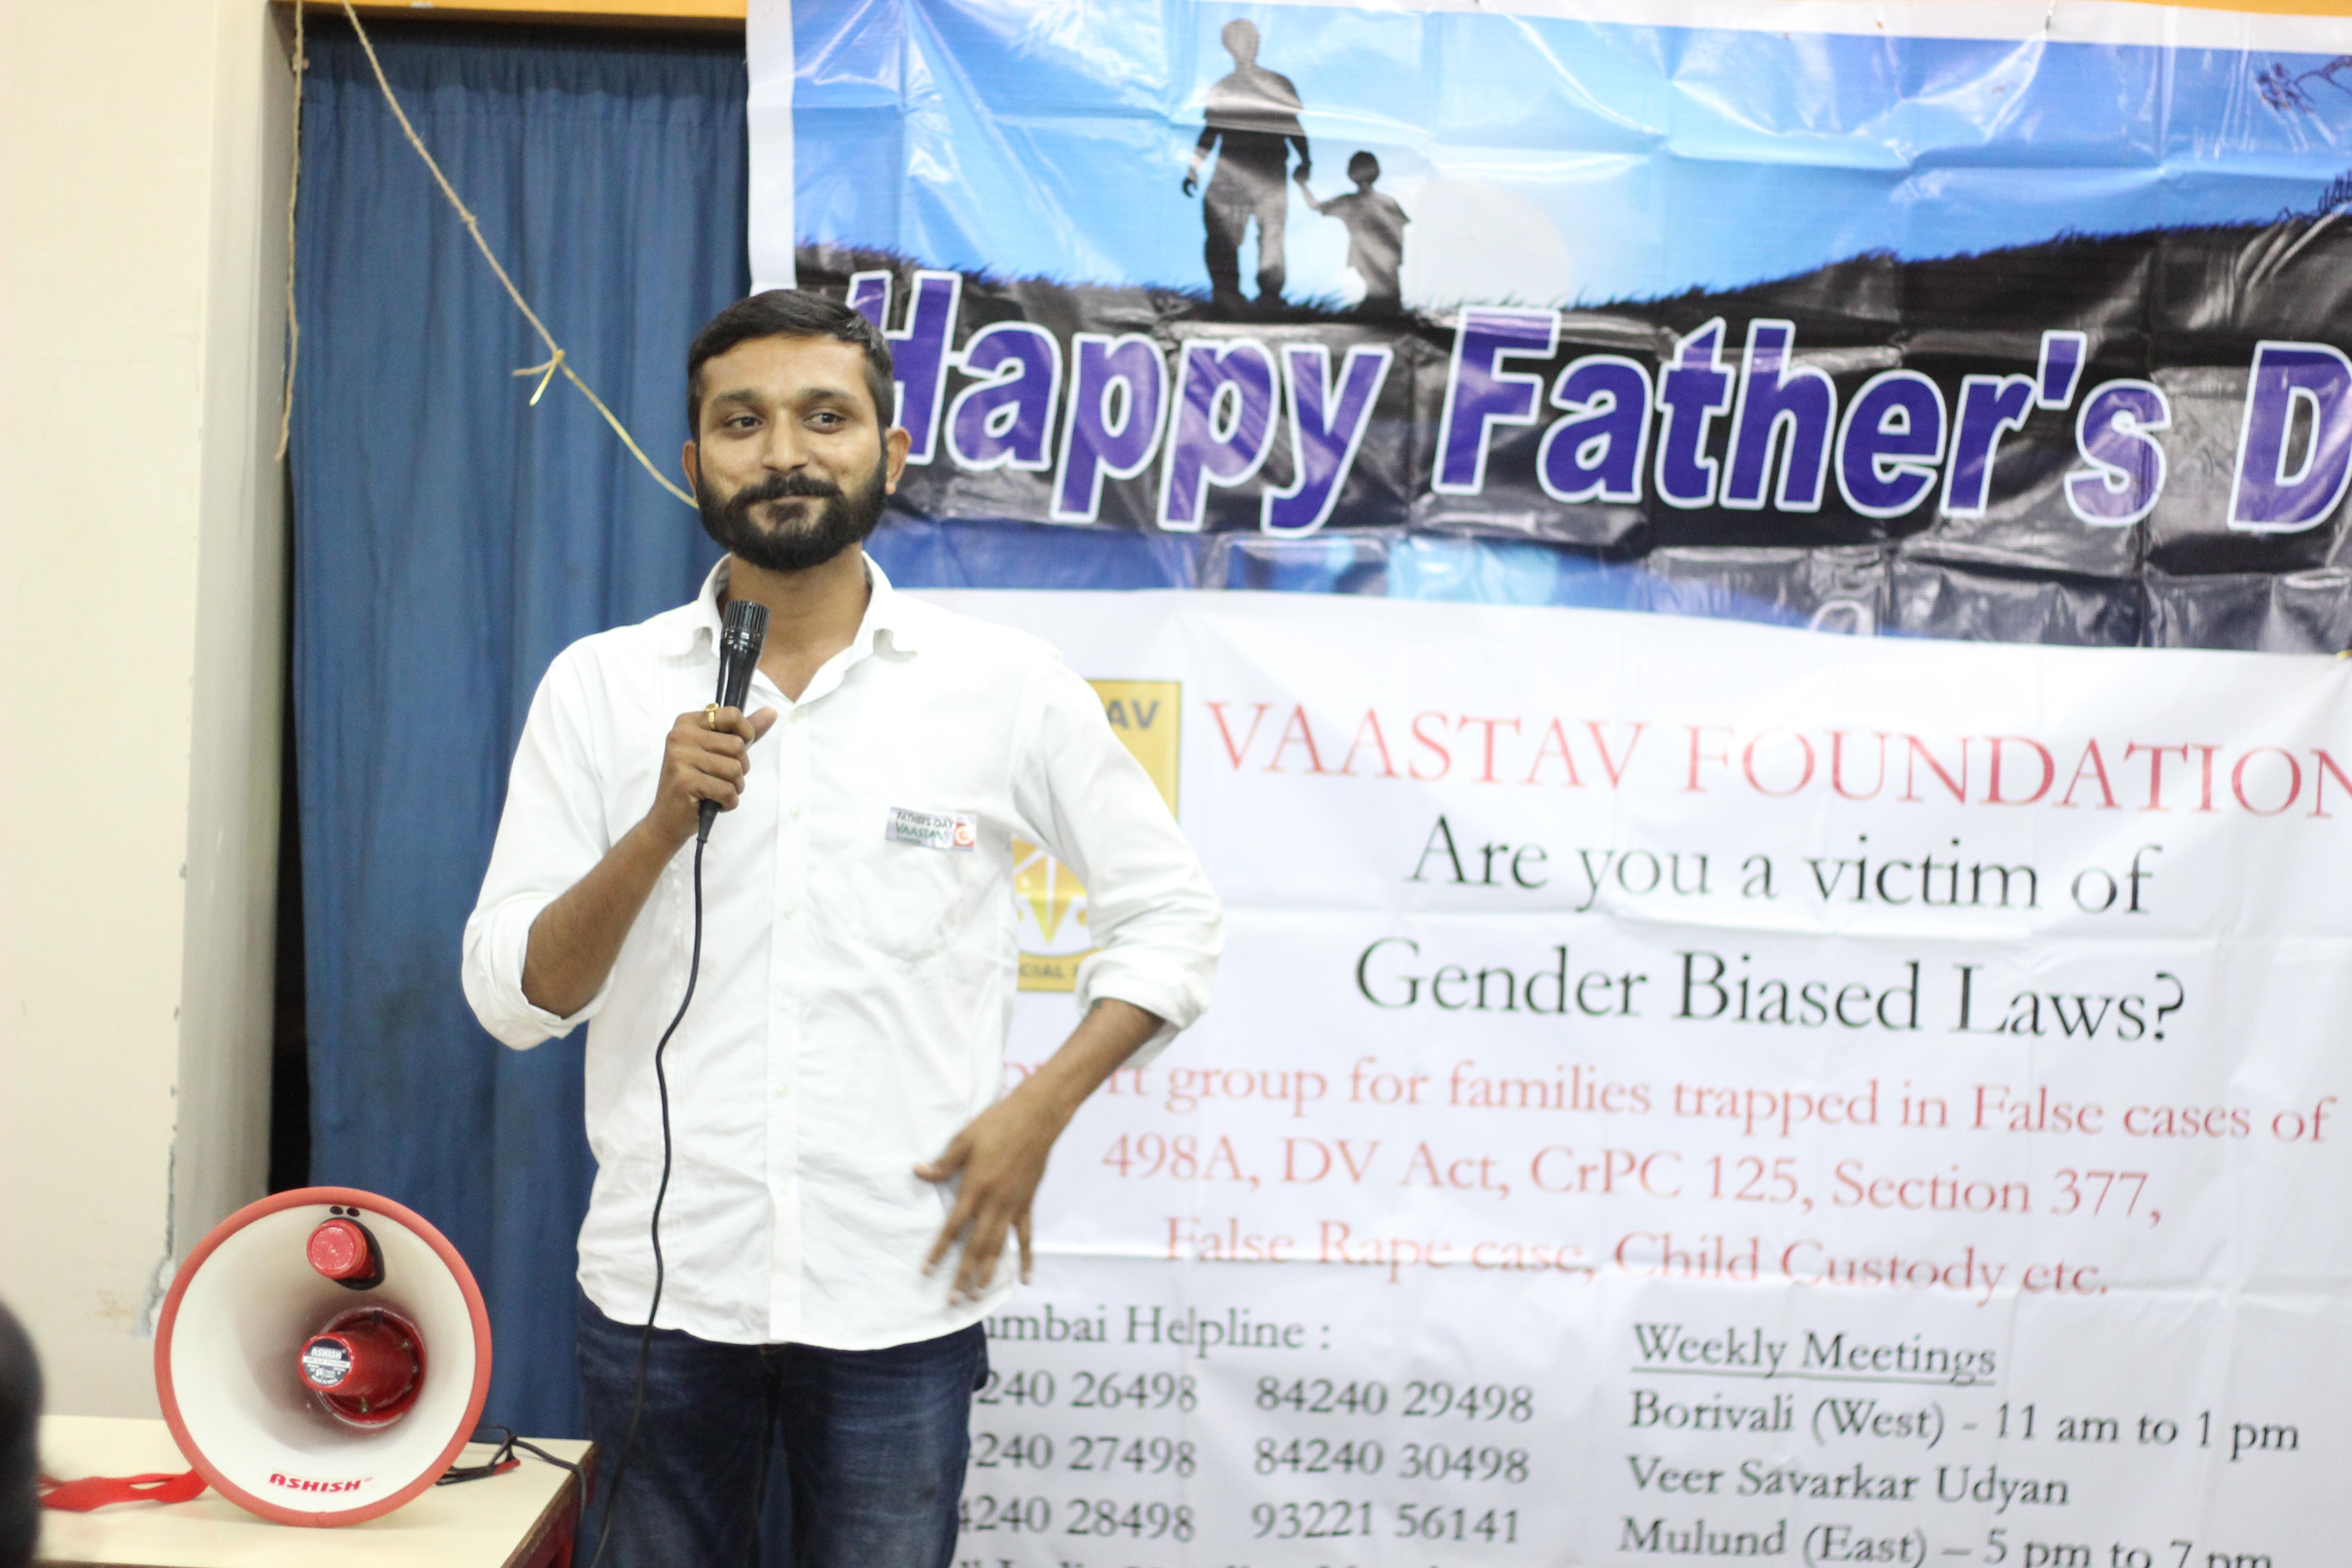 FathersDay2015 by GSat 121